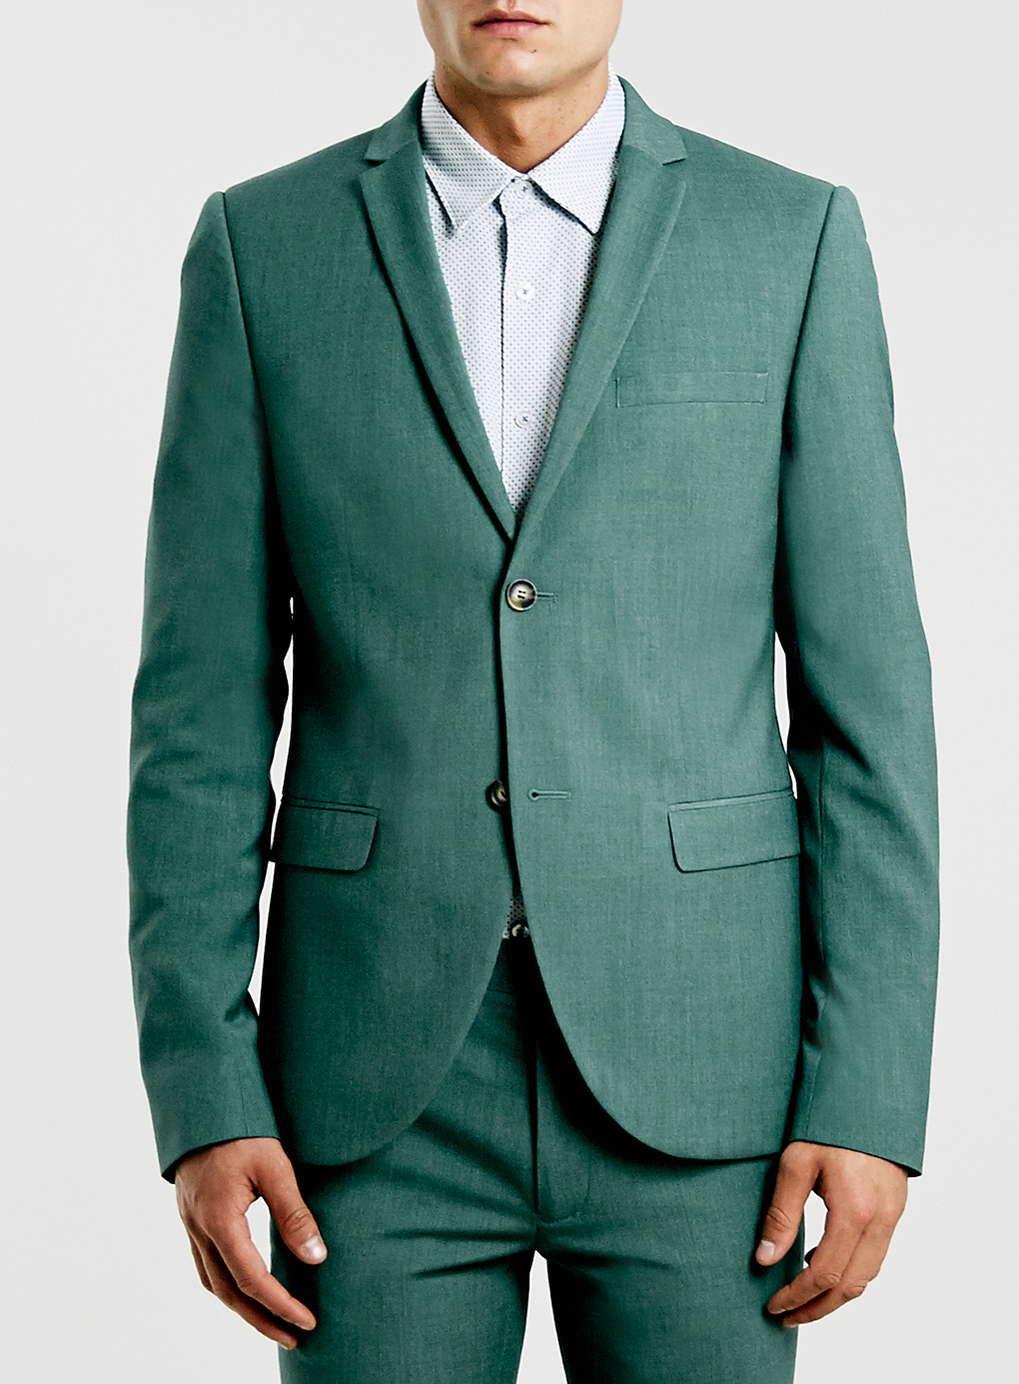 Green melange ultra skinny fit suit jacket | Skinny fit suits ...